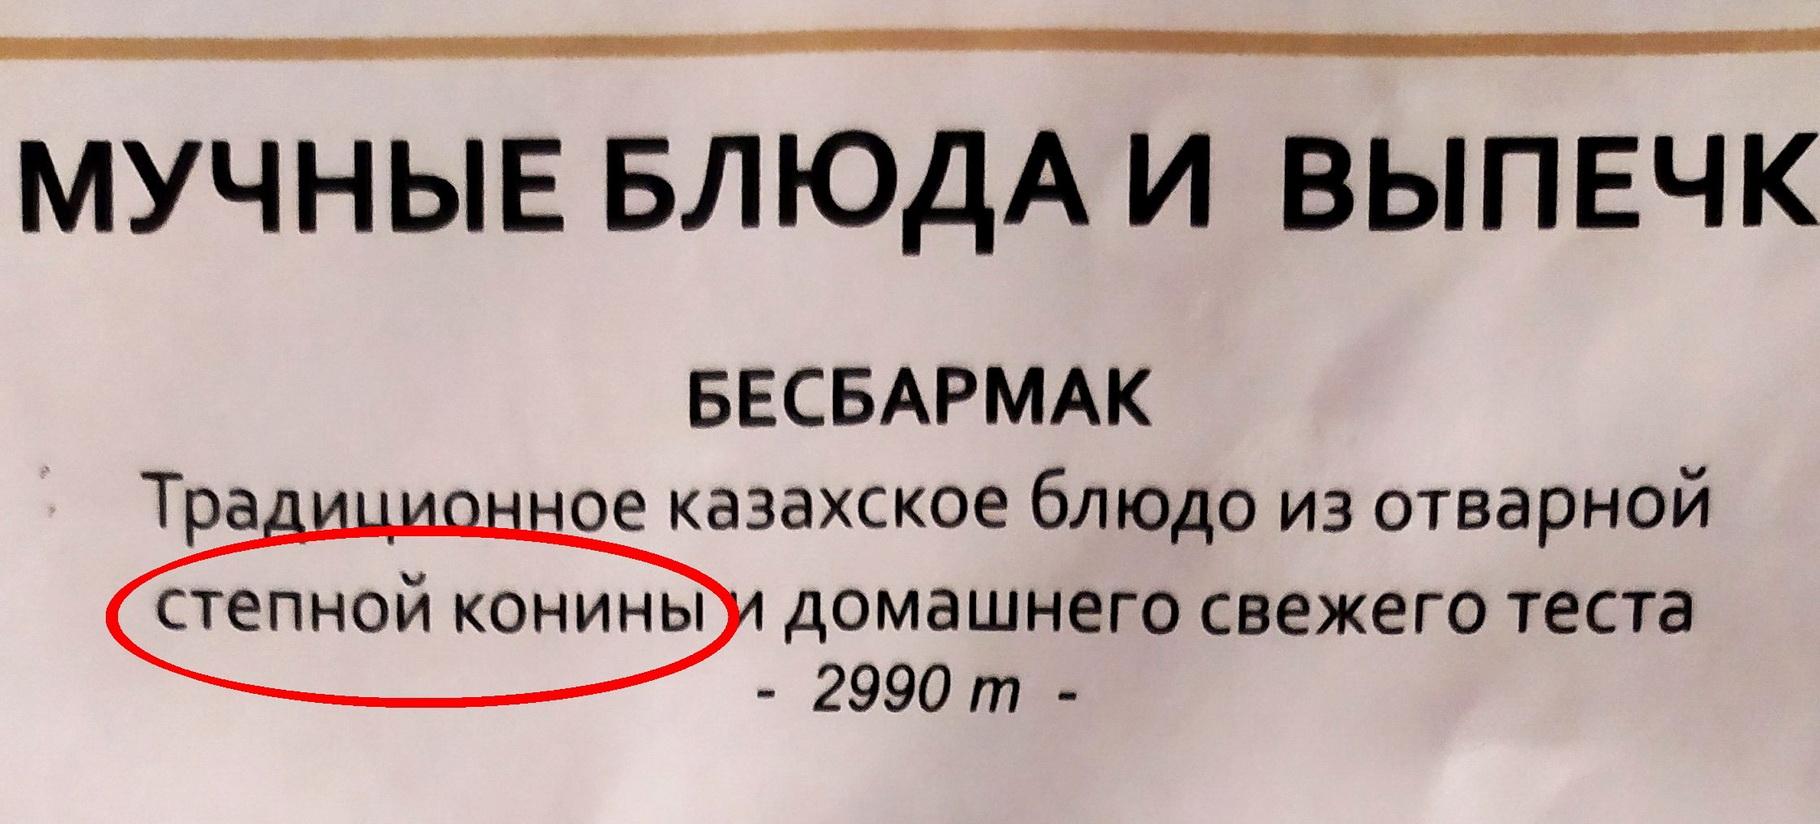 Кто круче в мясоедстве - кыргызы или казахи? Исследование нашего сайта выявило, что на первом месте…